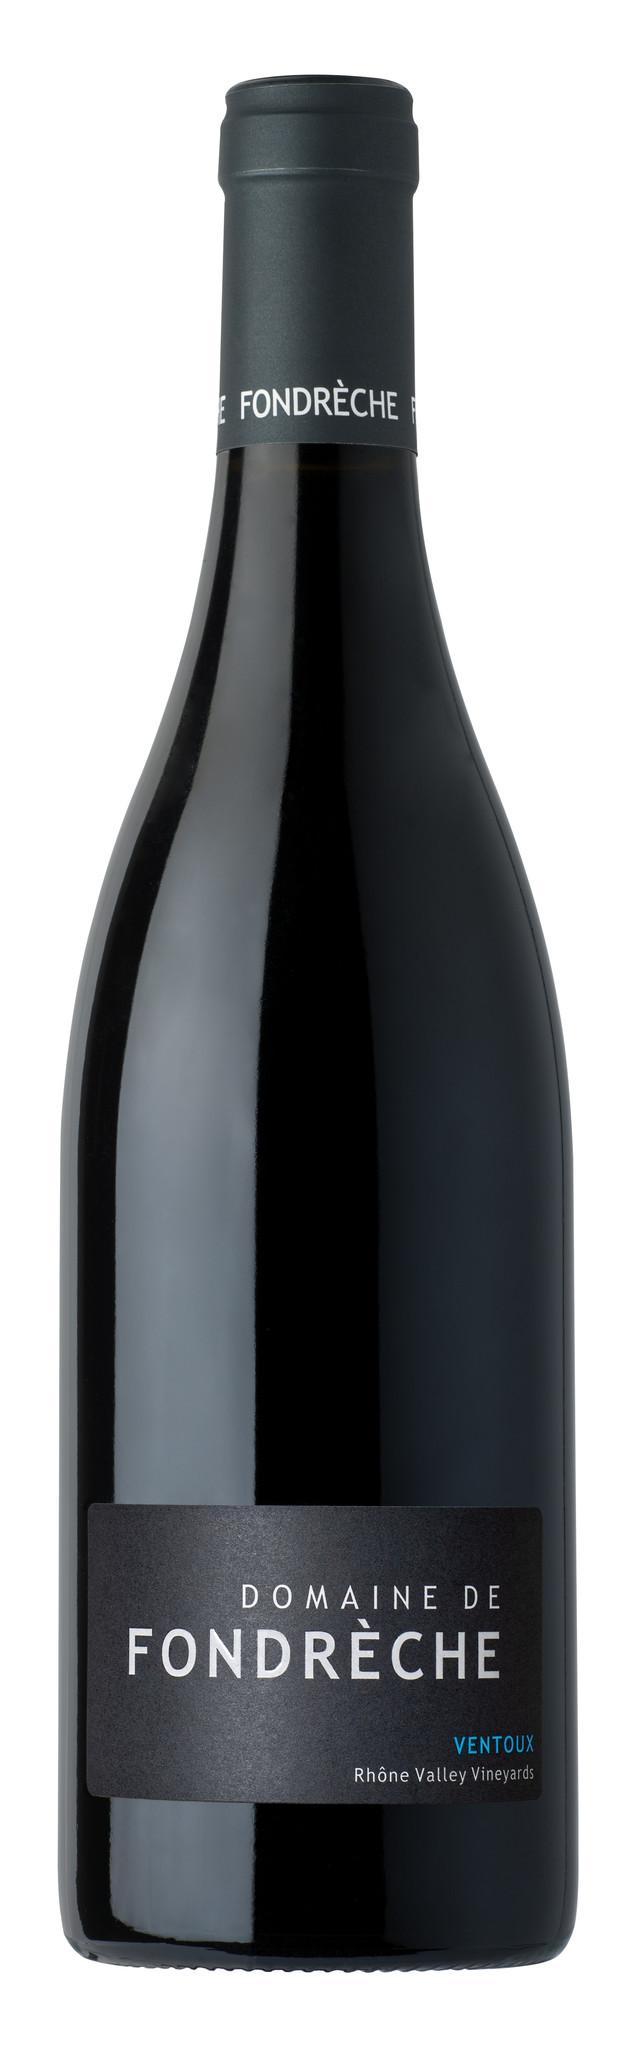 Fondrèche, Côtes de Ventoux rouge, 2019